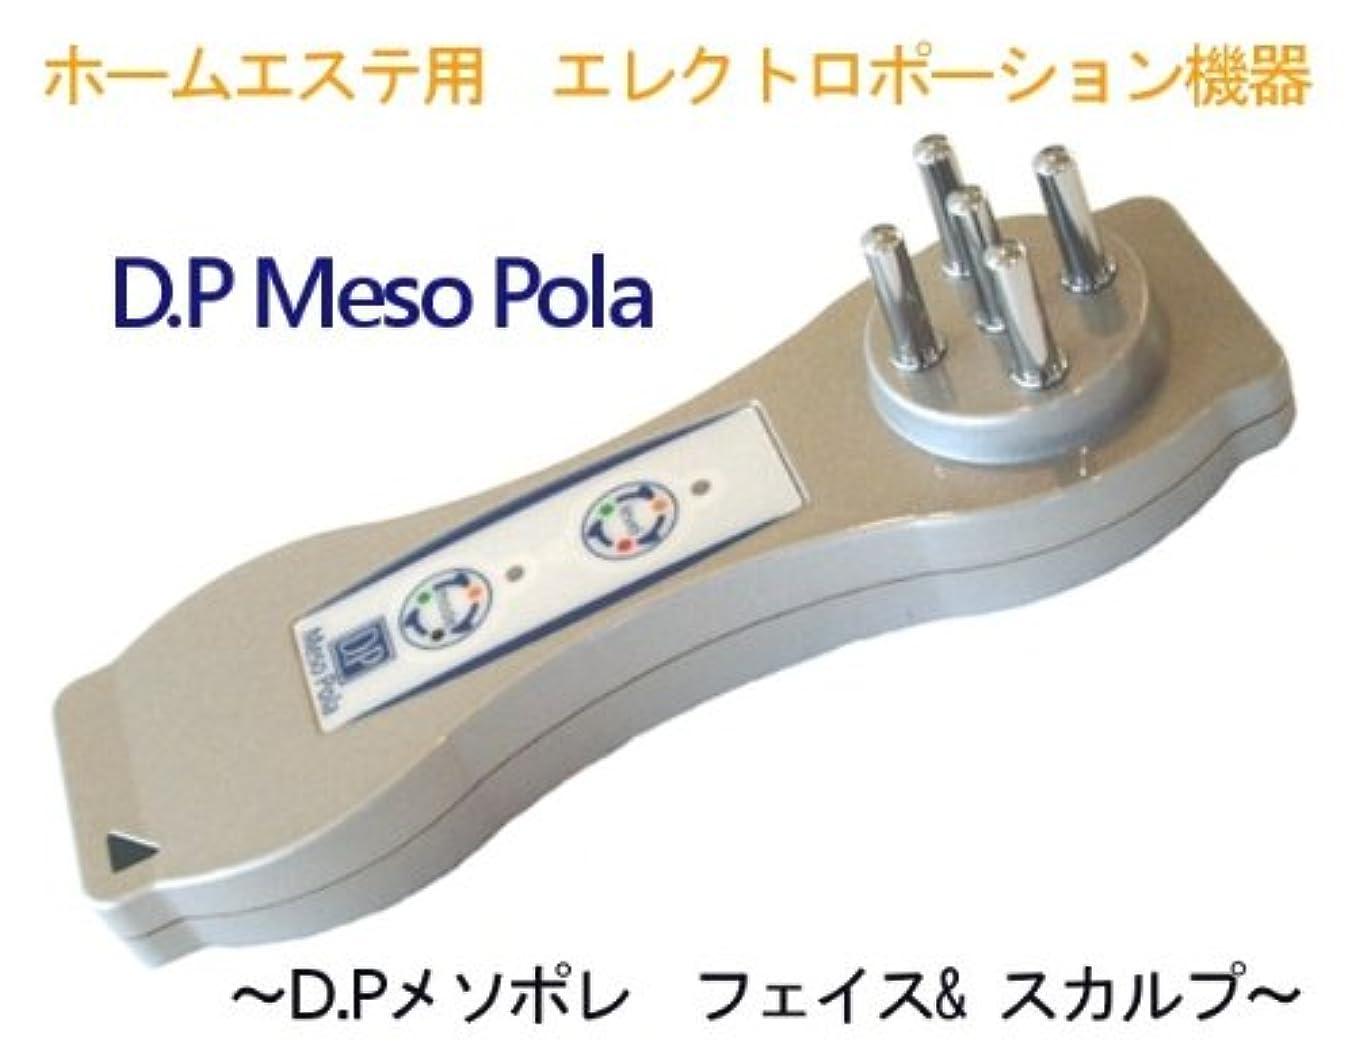 くるみラッシュバイアスD.P Meso Pola(ディーピー メソポレ) フェイス&スカルプ ホームエステ用 エレクトロポーション機器